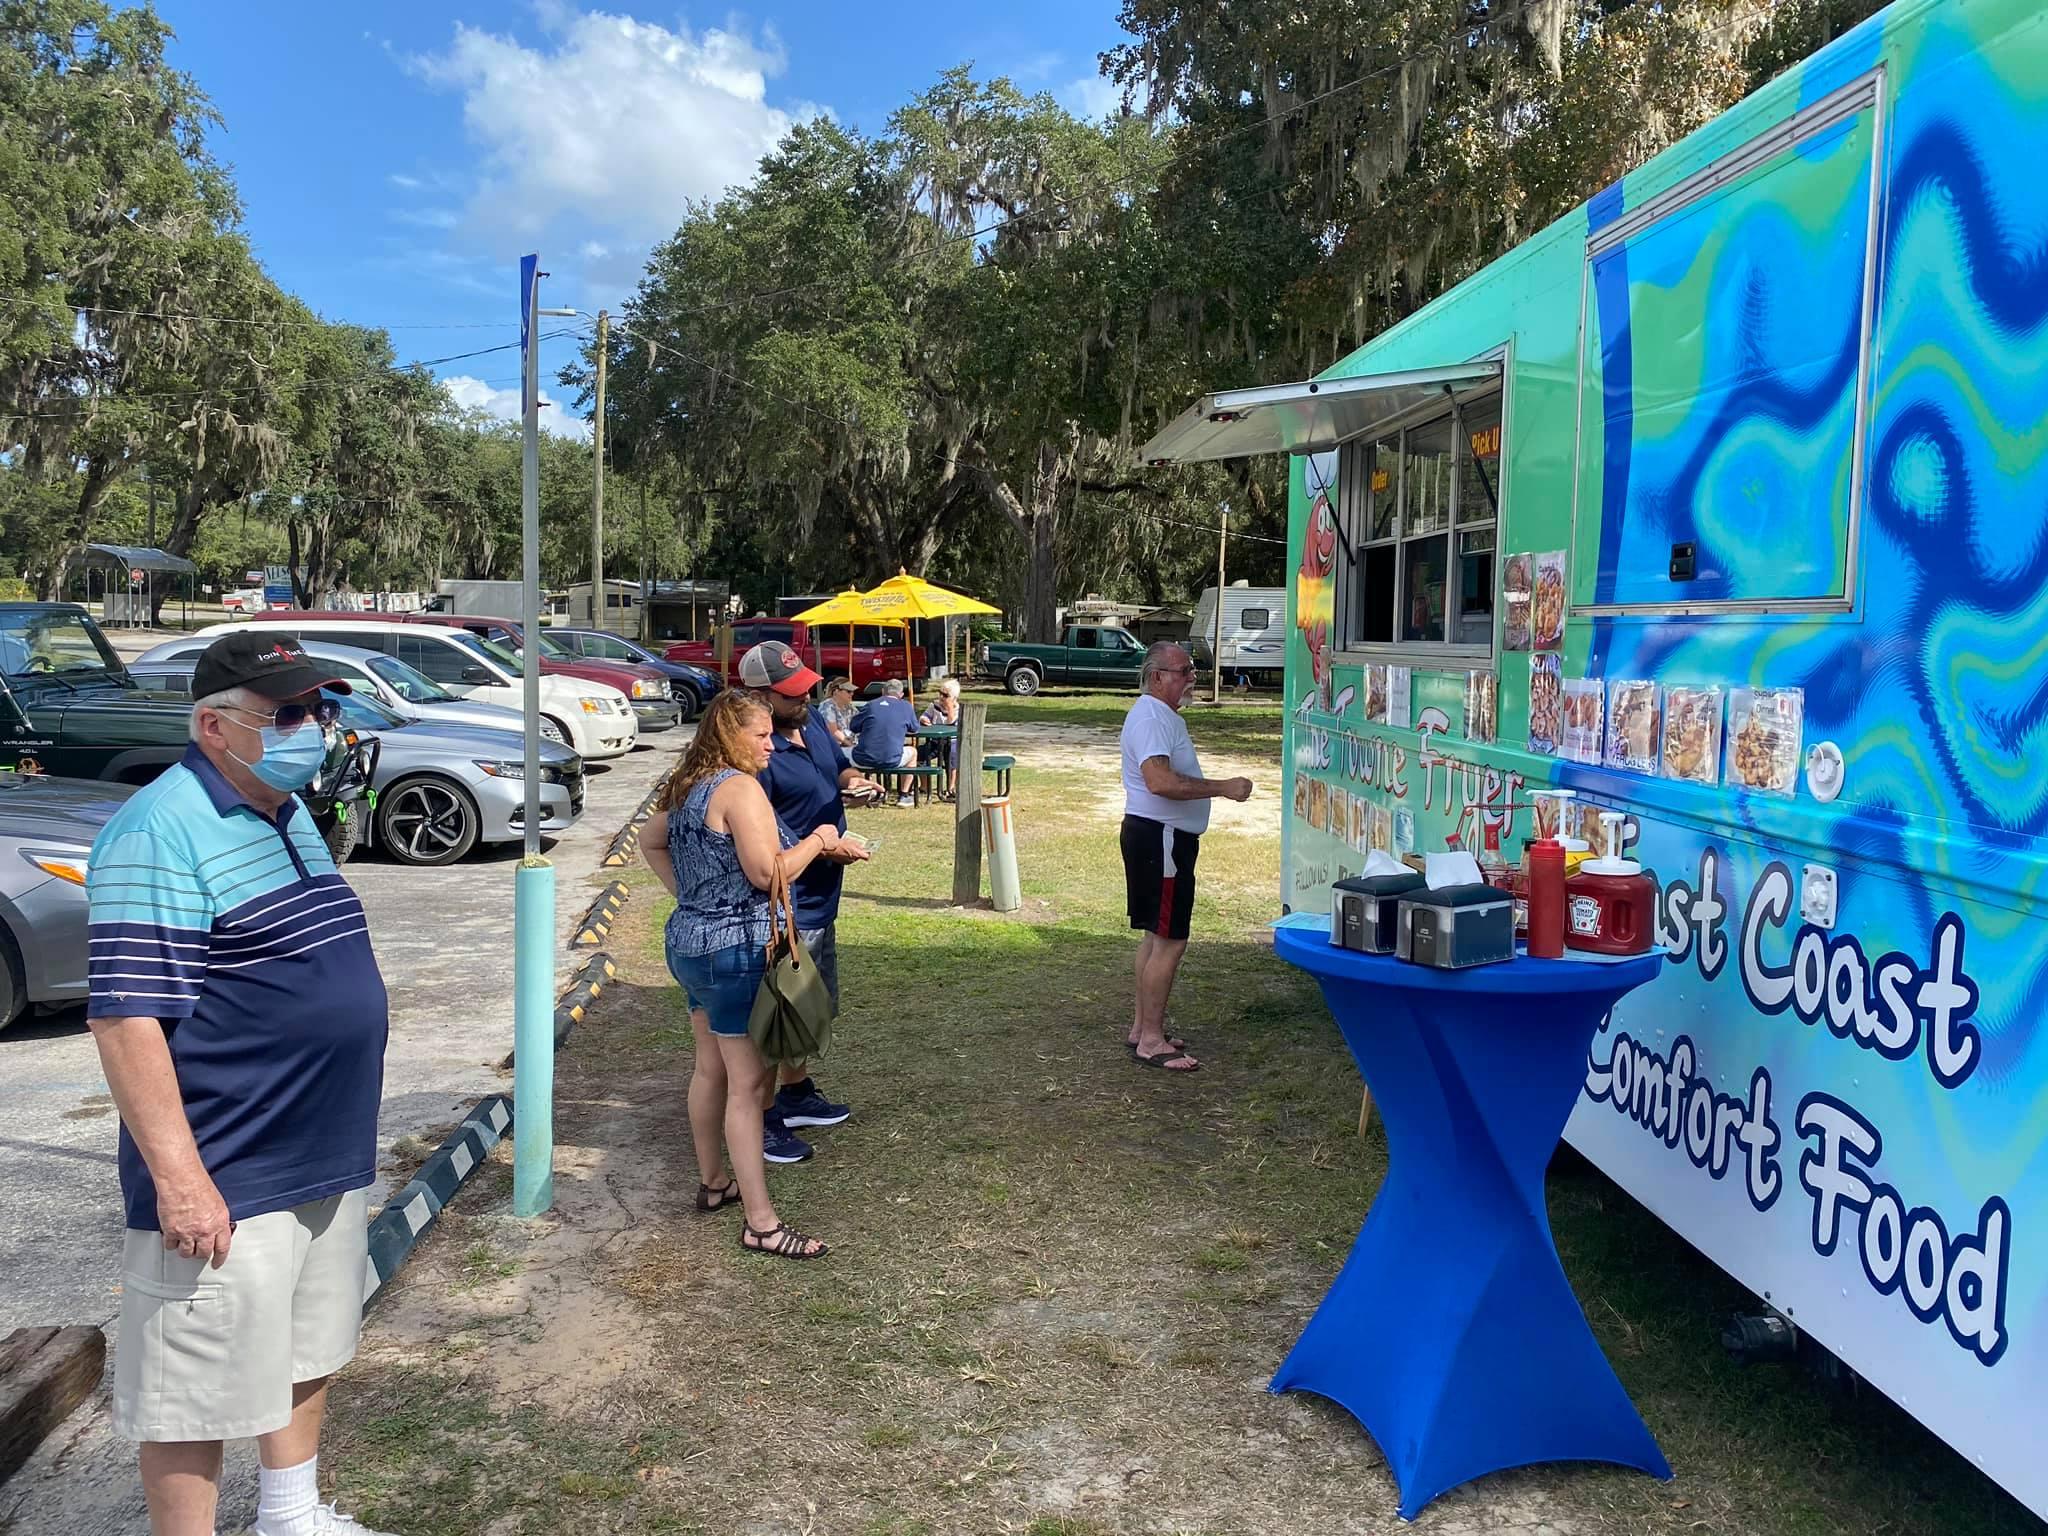 Nelson's Outdoor Resort-Food Truck Fun